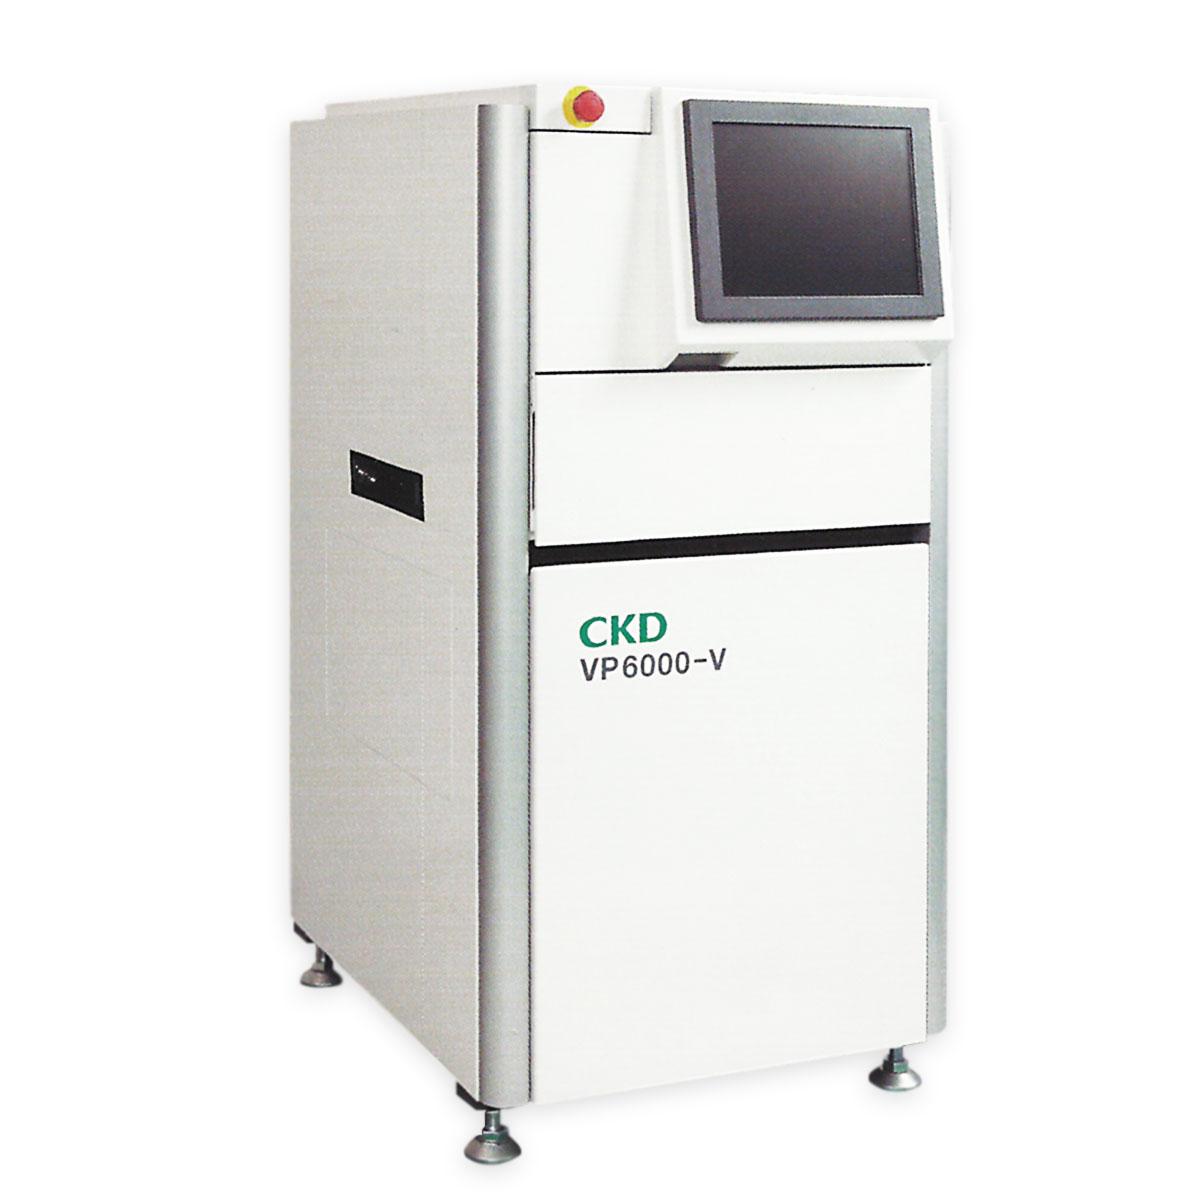 OMRON VP6000-V ꜛ конвейерная установка автоматической 3D-инспекции качества нанесения паяльной пасты